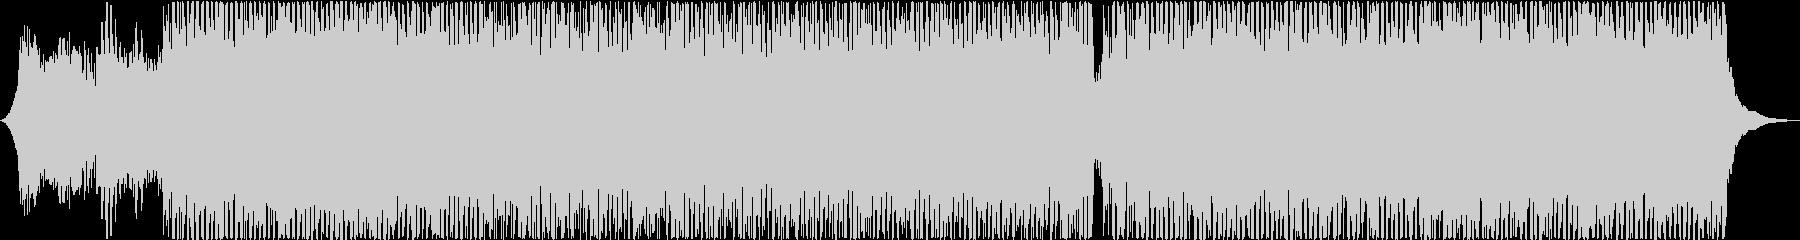 和楽器のカッコいいテクノの未再生の波形